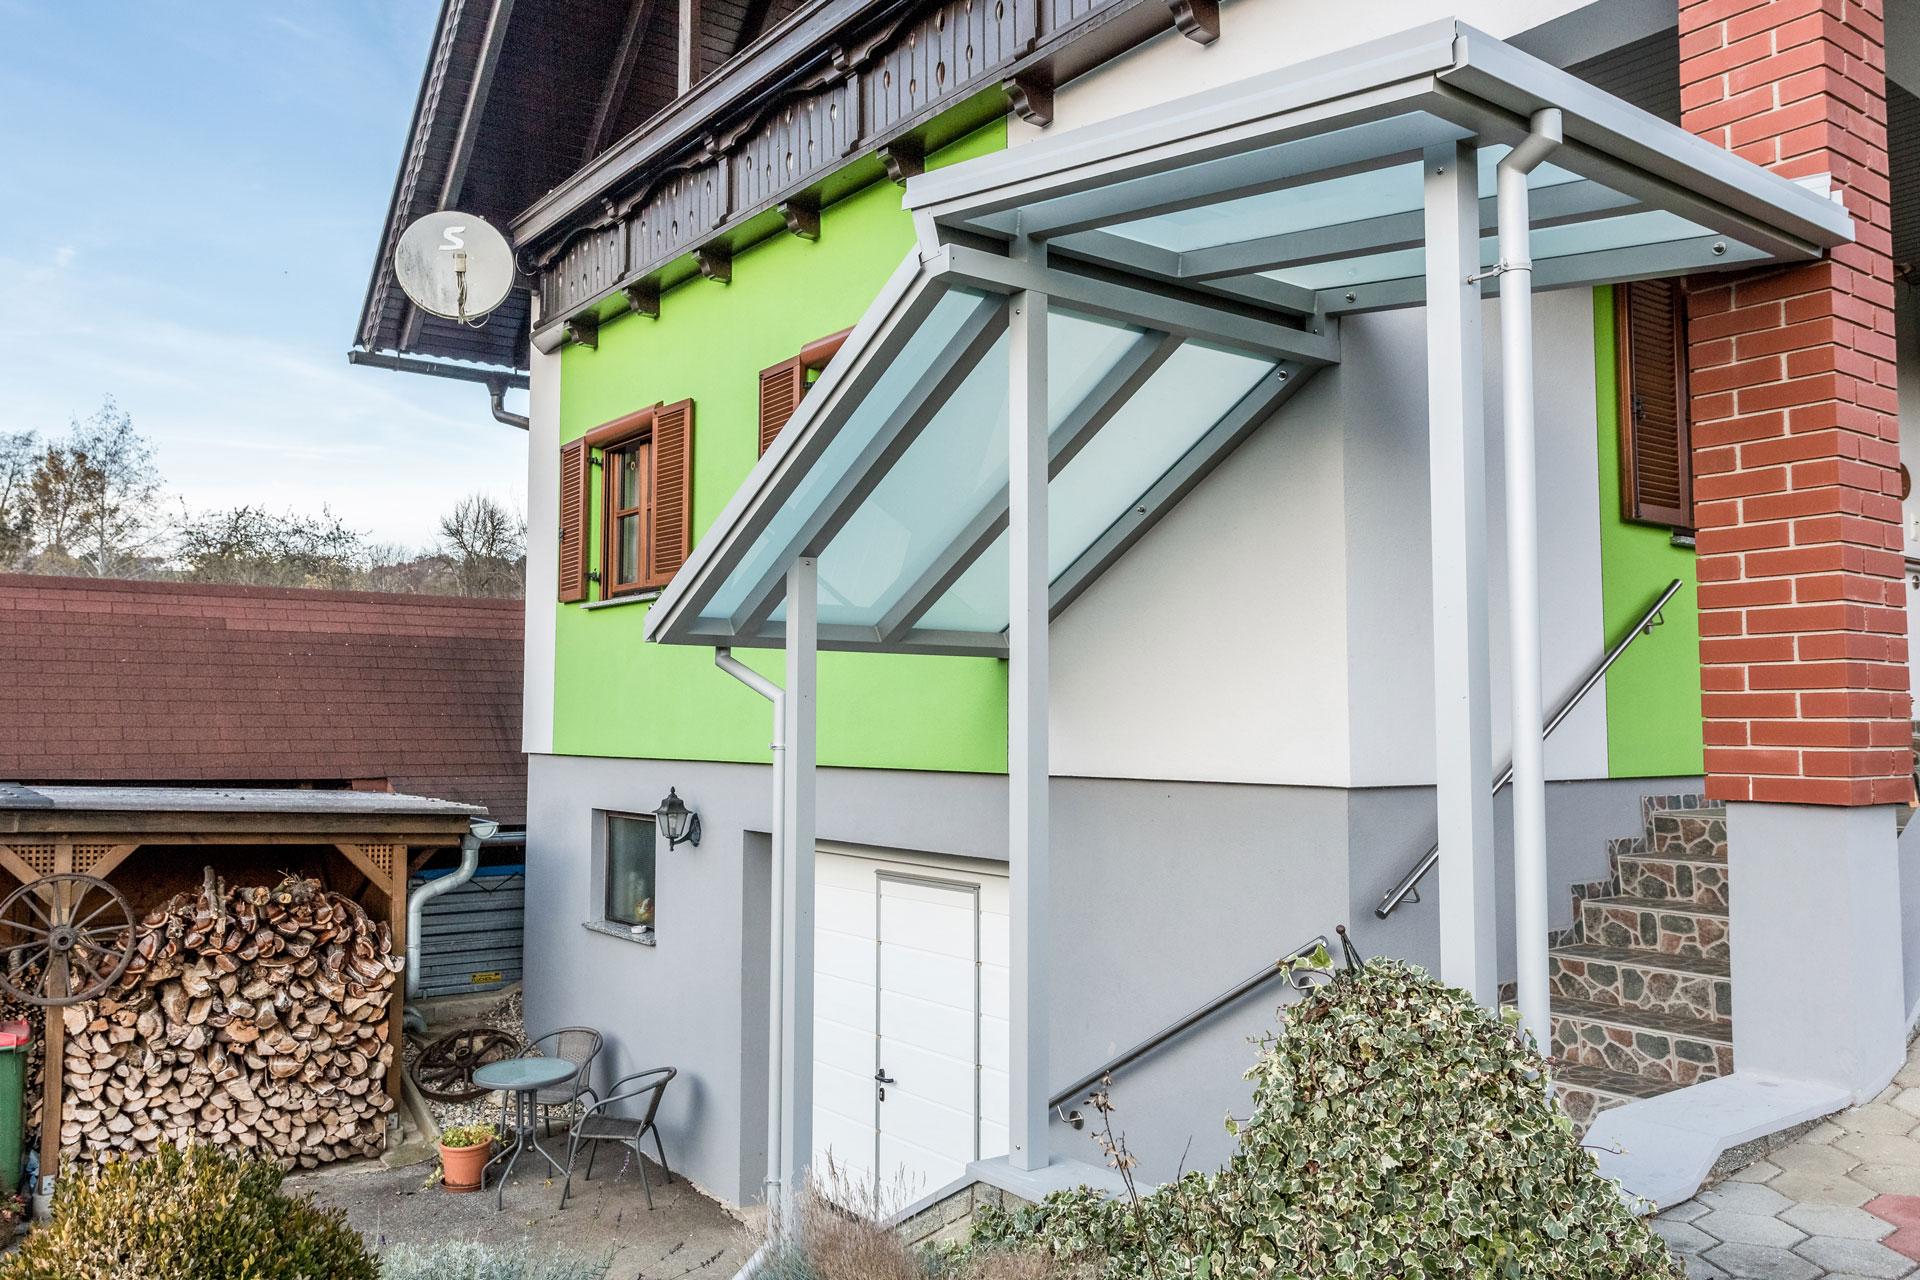 Vordach Alu 35 a   Aluminiumstiegenüberdachung hellgrau mit Glas matt, zweiseitig geneigt   Svoboda